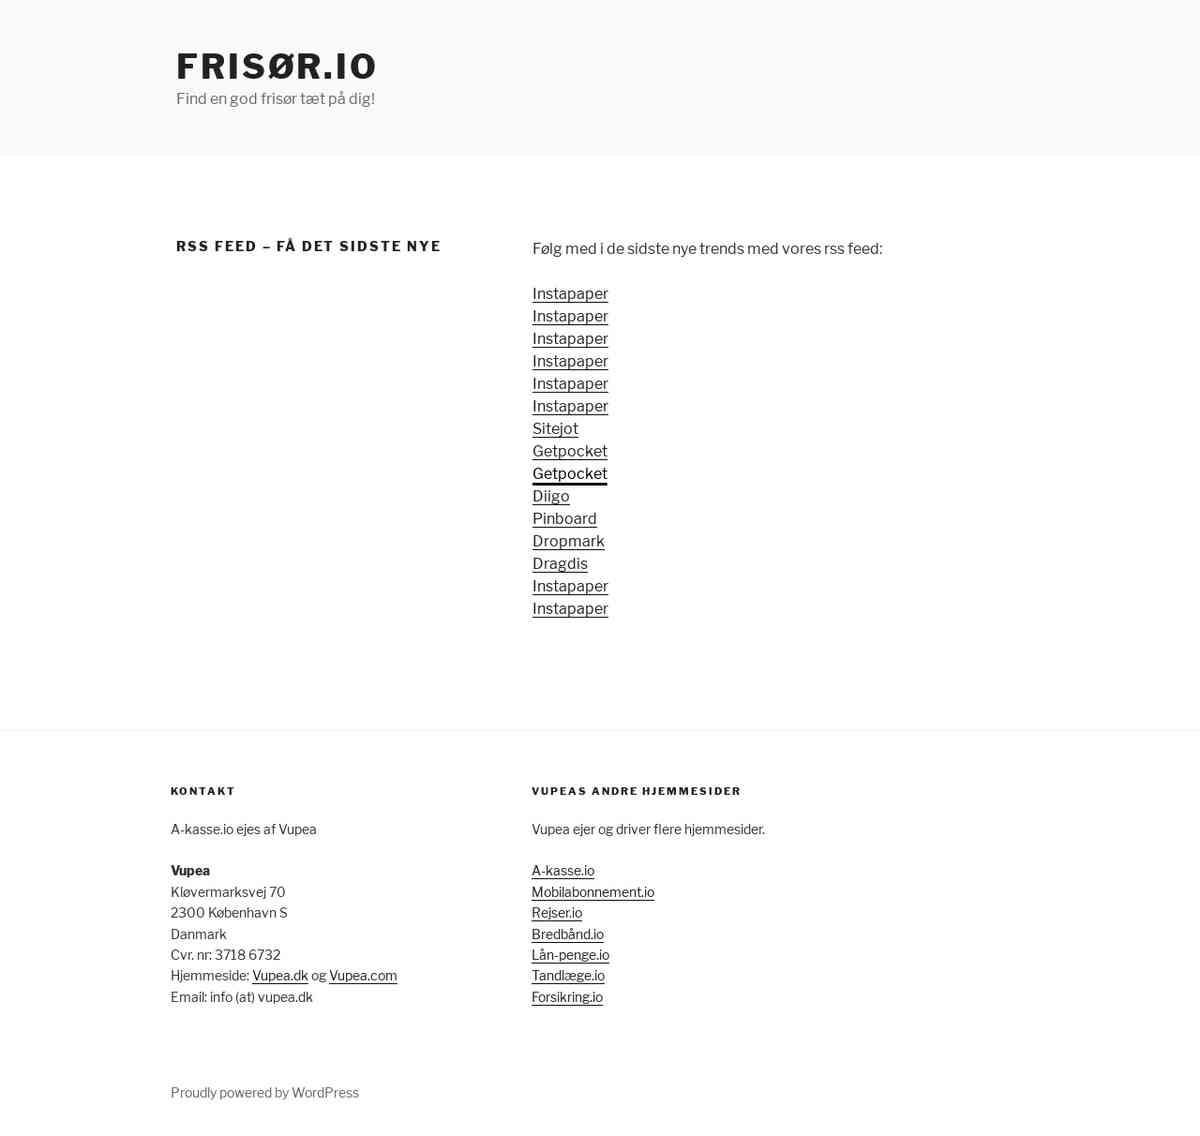 Rss feed - få det sidste nye - Frisør.io